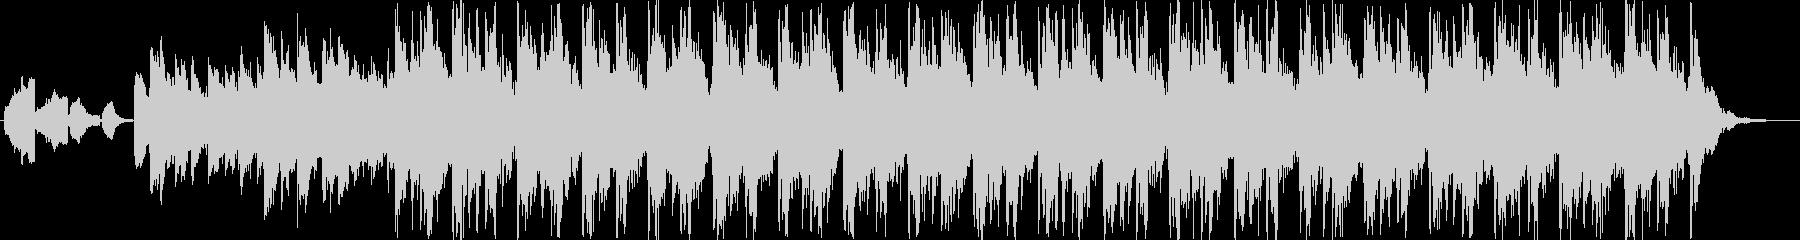 デジタル機器CFのBGM向きの未再生の波形